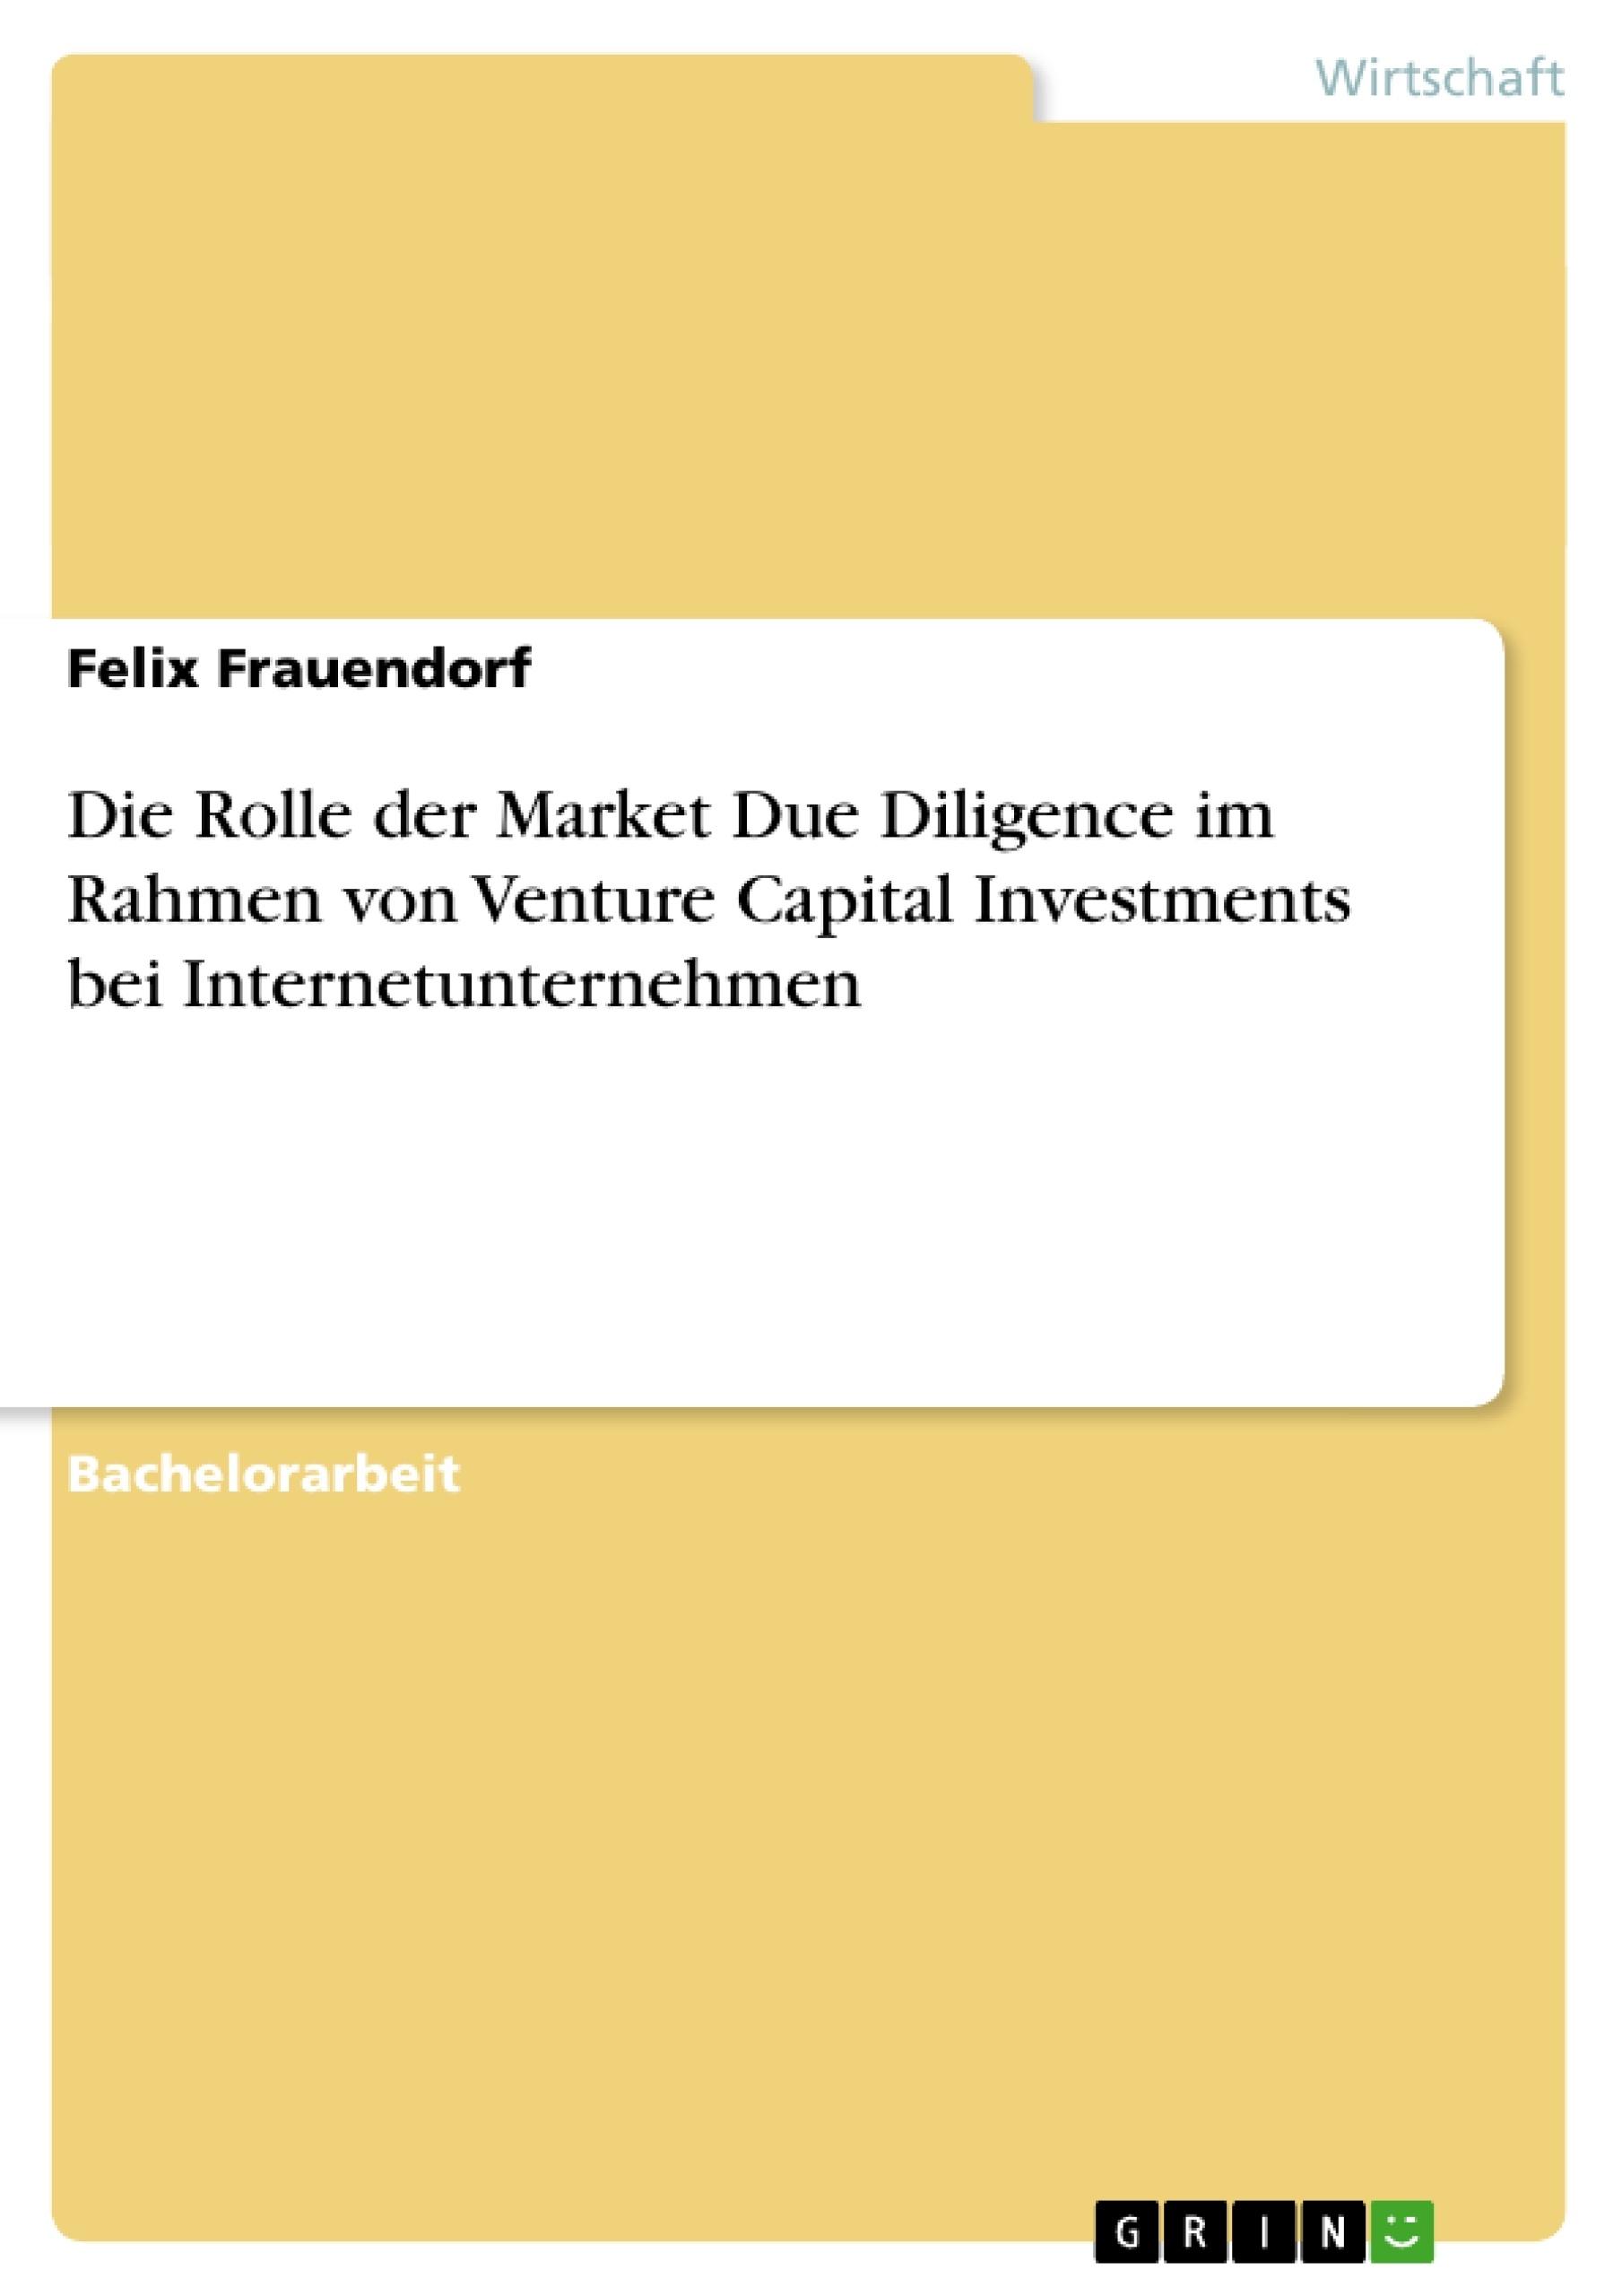 Titel: Die Rolle der Market Due Diligence im Rahmen von Venture Capital Investments bei Internetunternehmen